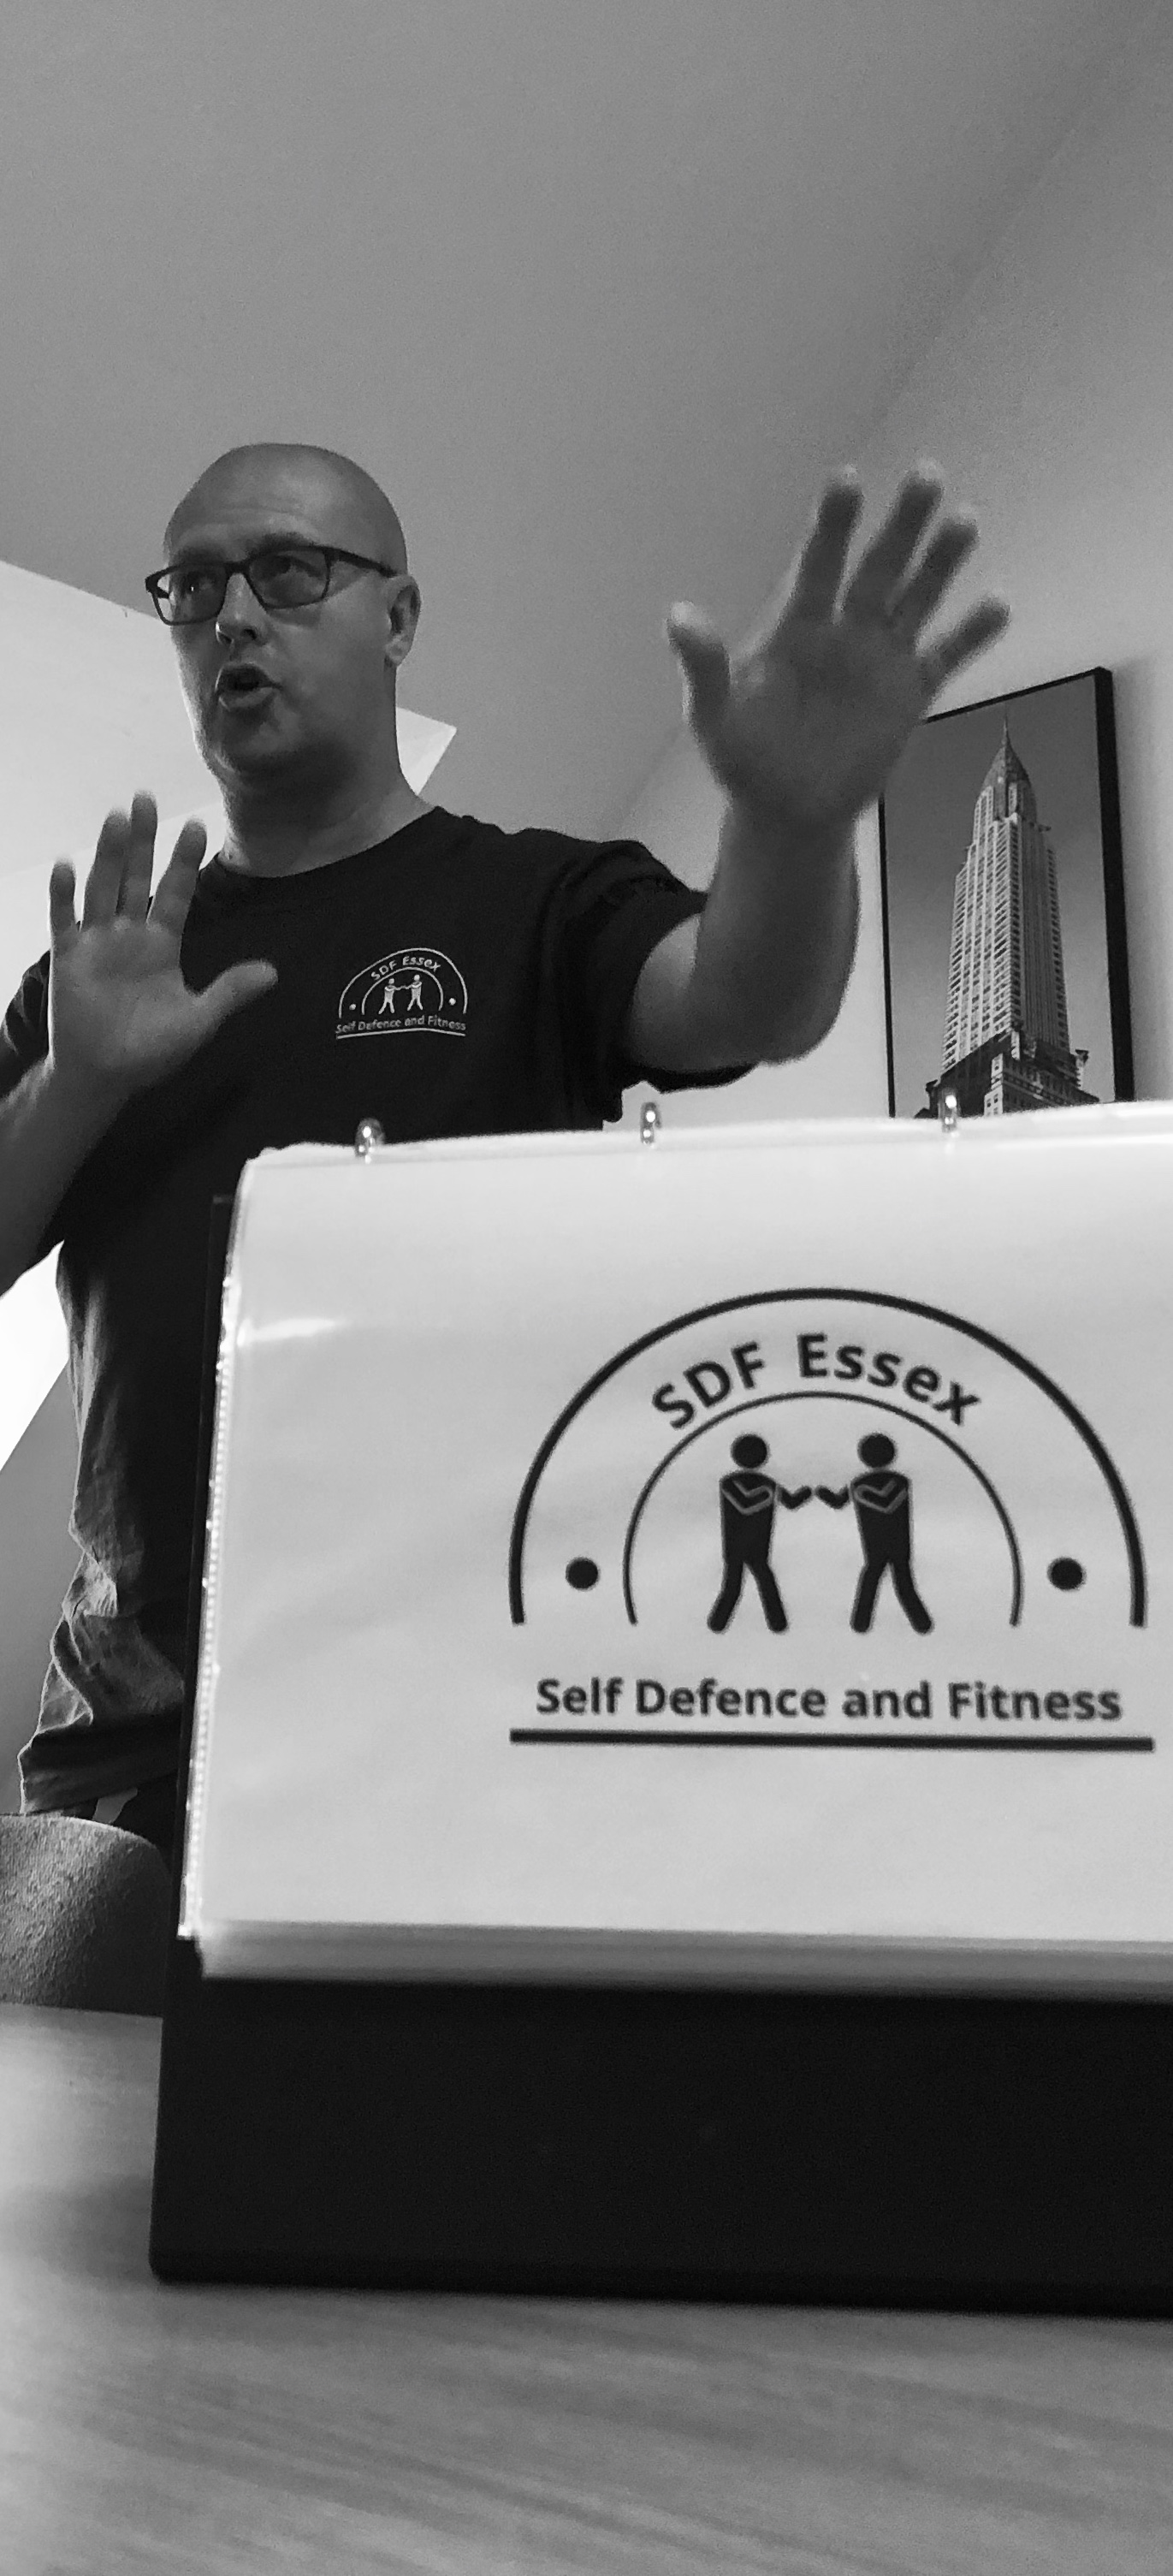 SDF Essex Defend